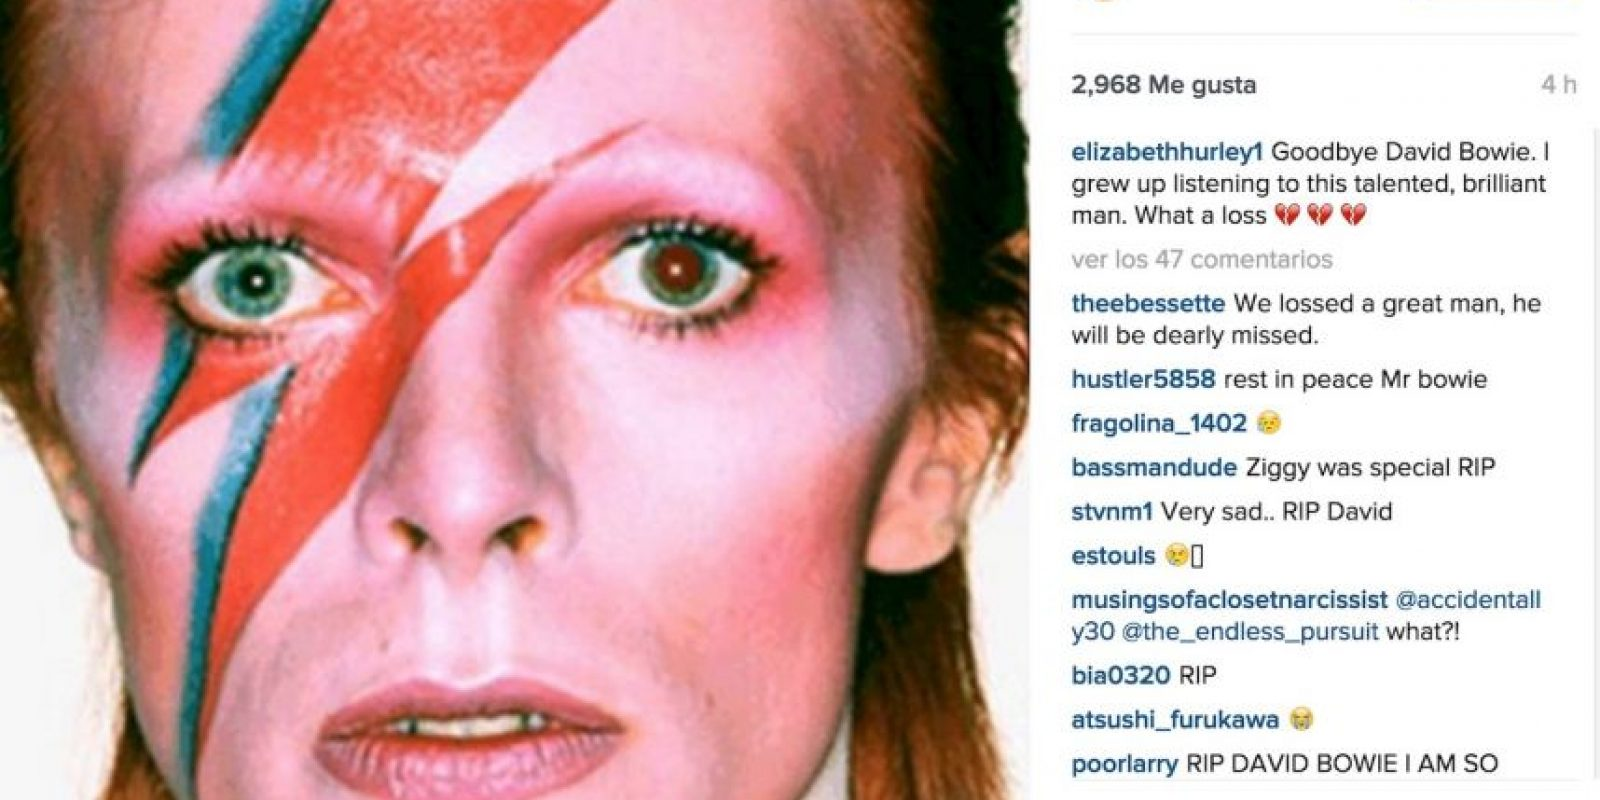 """Elizabeth Hurley: """"Adiós David. Crecí escuchando a este talentoso y brillante hombre. Qué pérdida"""". Foto:Instagram.com. Imagen Por:"""